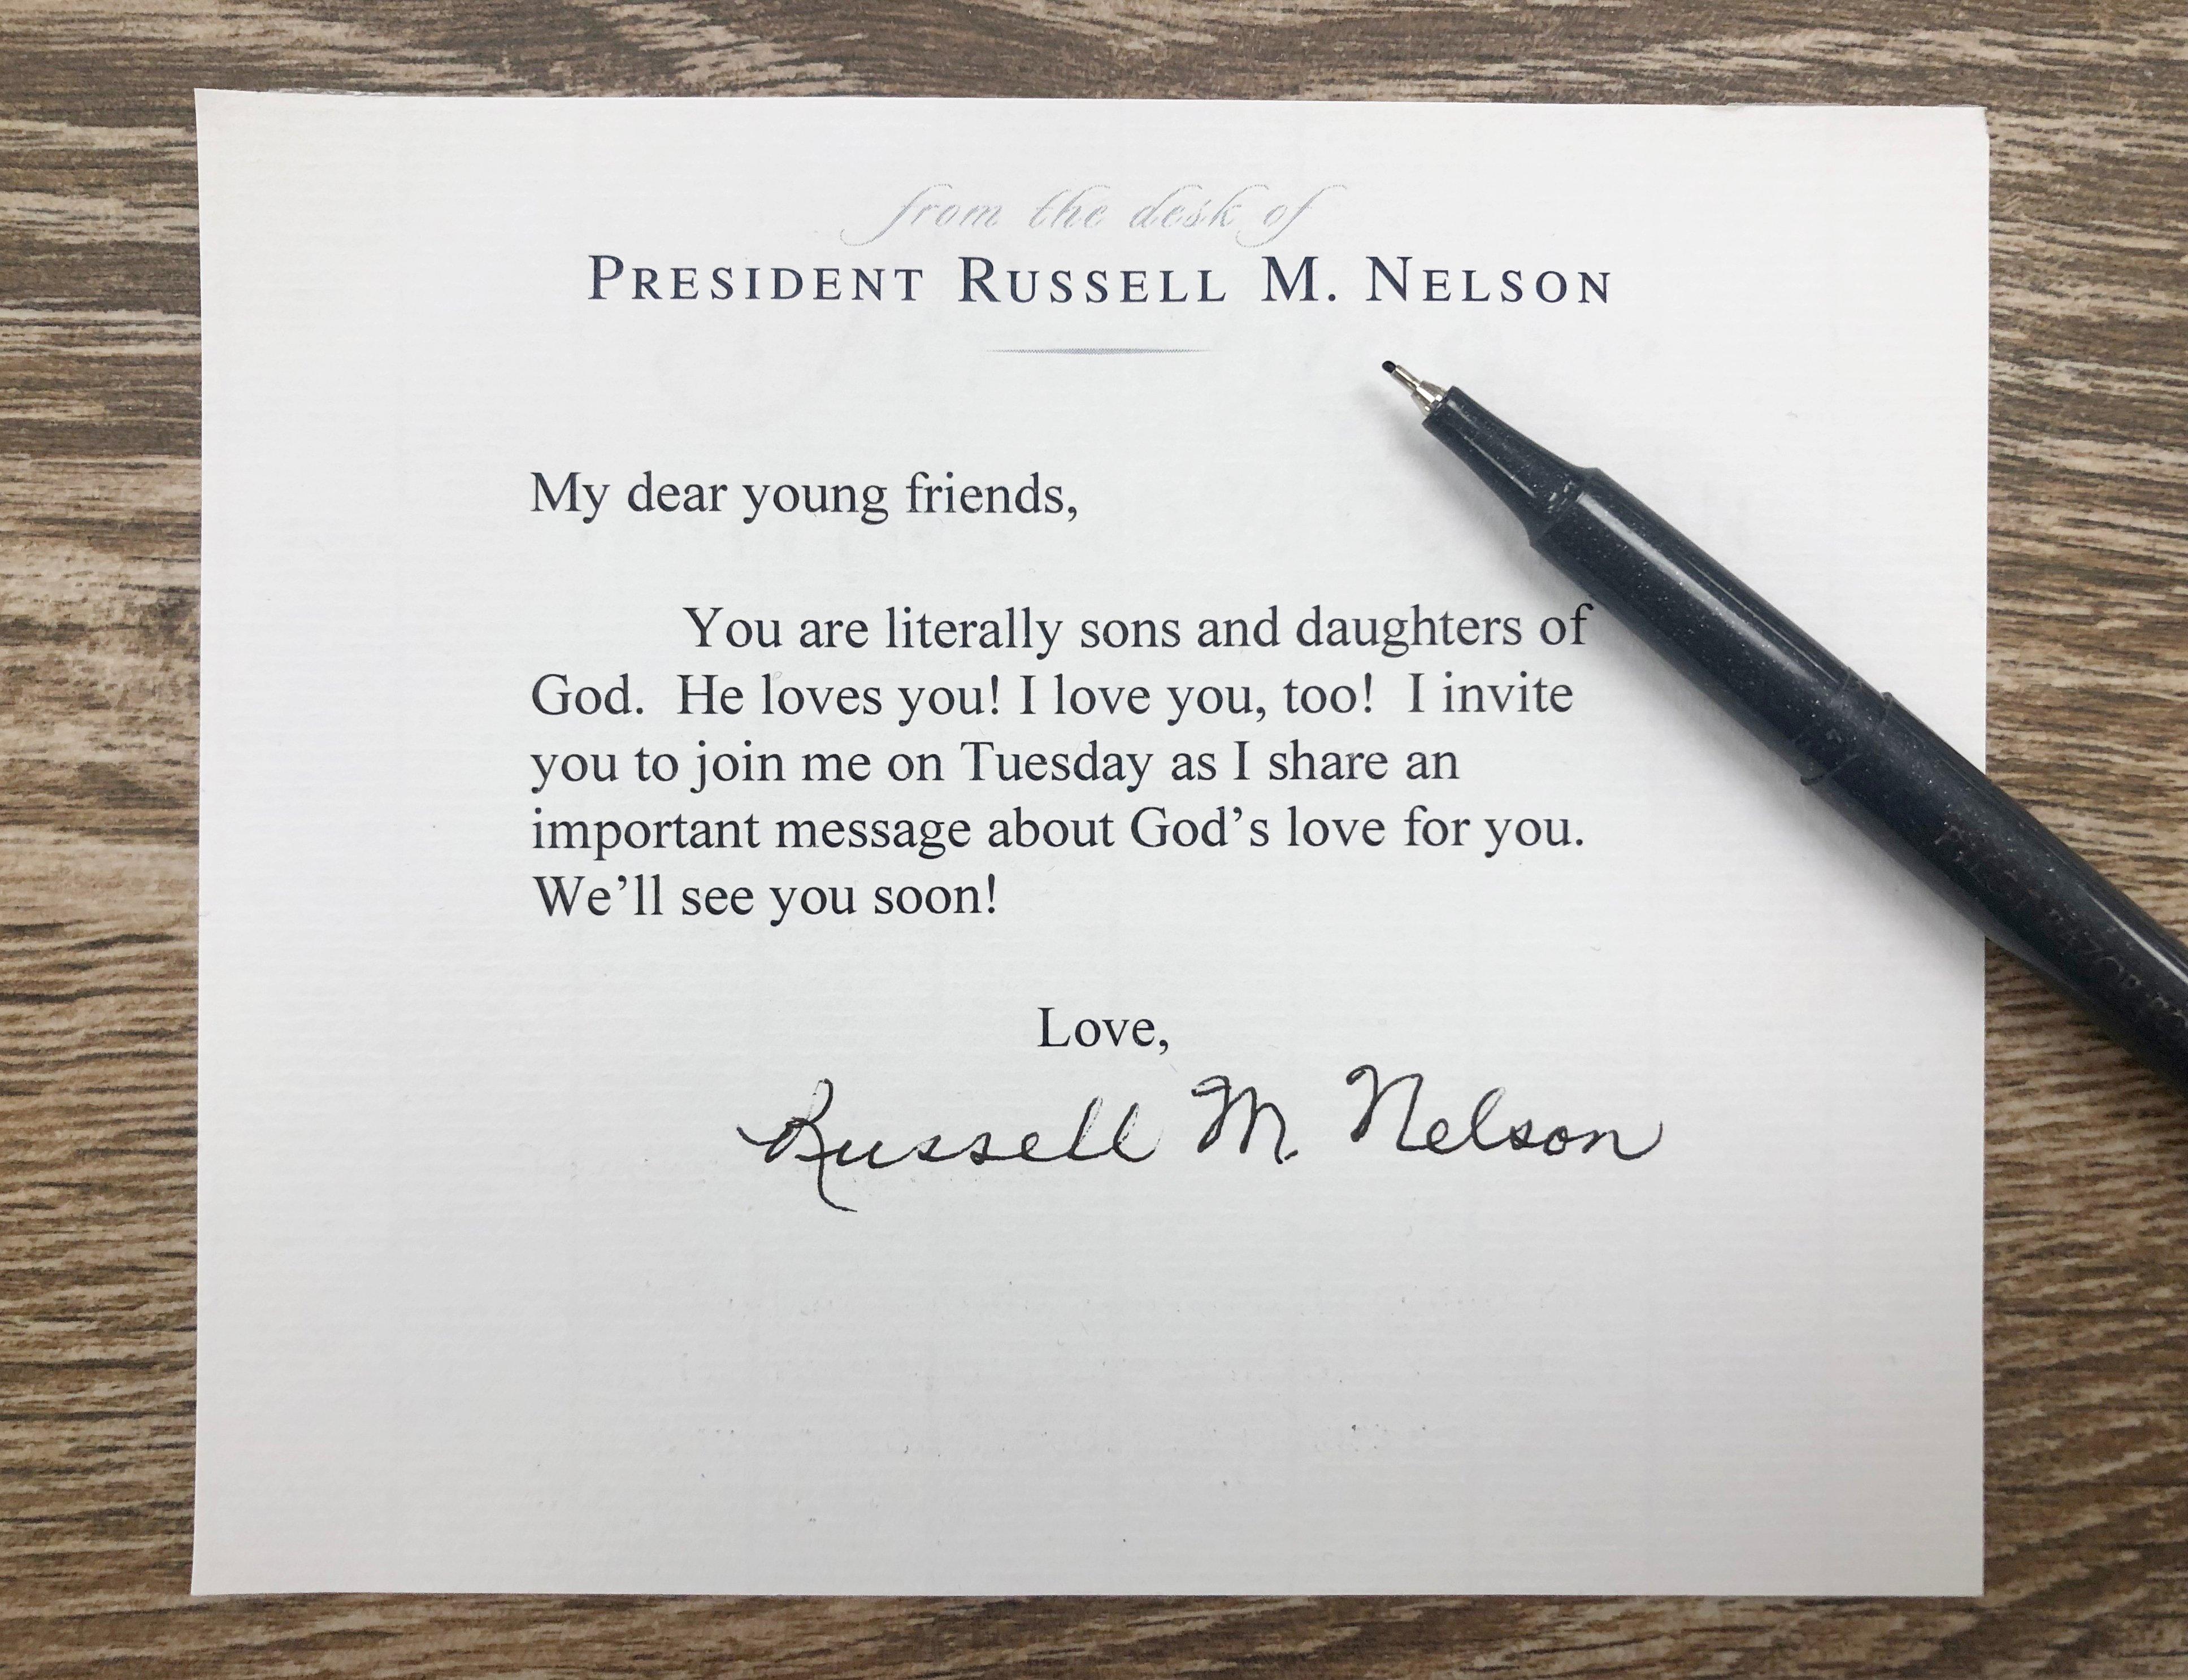 El presidente Russell M. Nelson invita a los jóvenes adultos a escuchar su mensaje sobre el amor que Dios tiene por ellos en el devocional de BYU, el martes, 17 de septiembre de 2019.